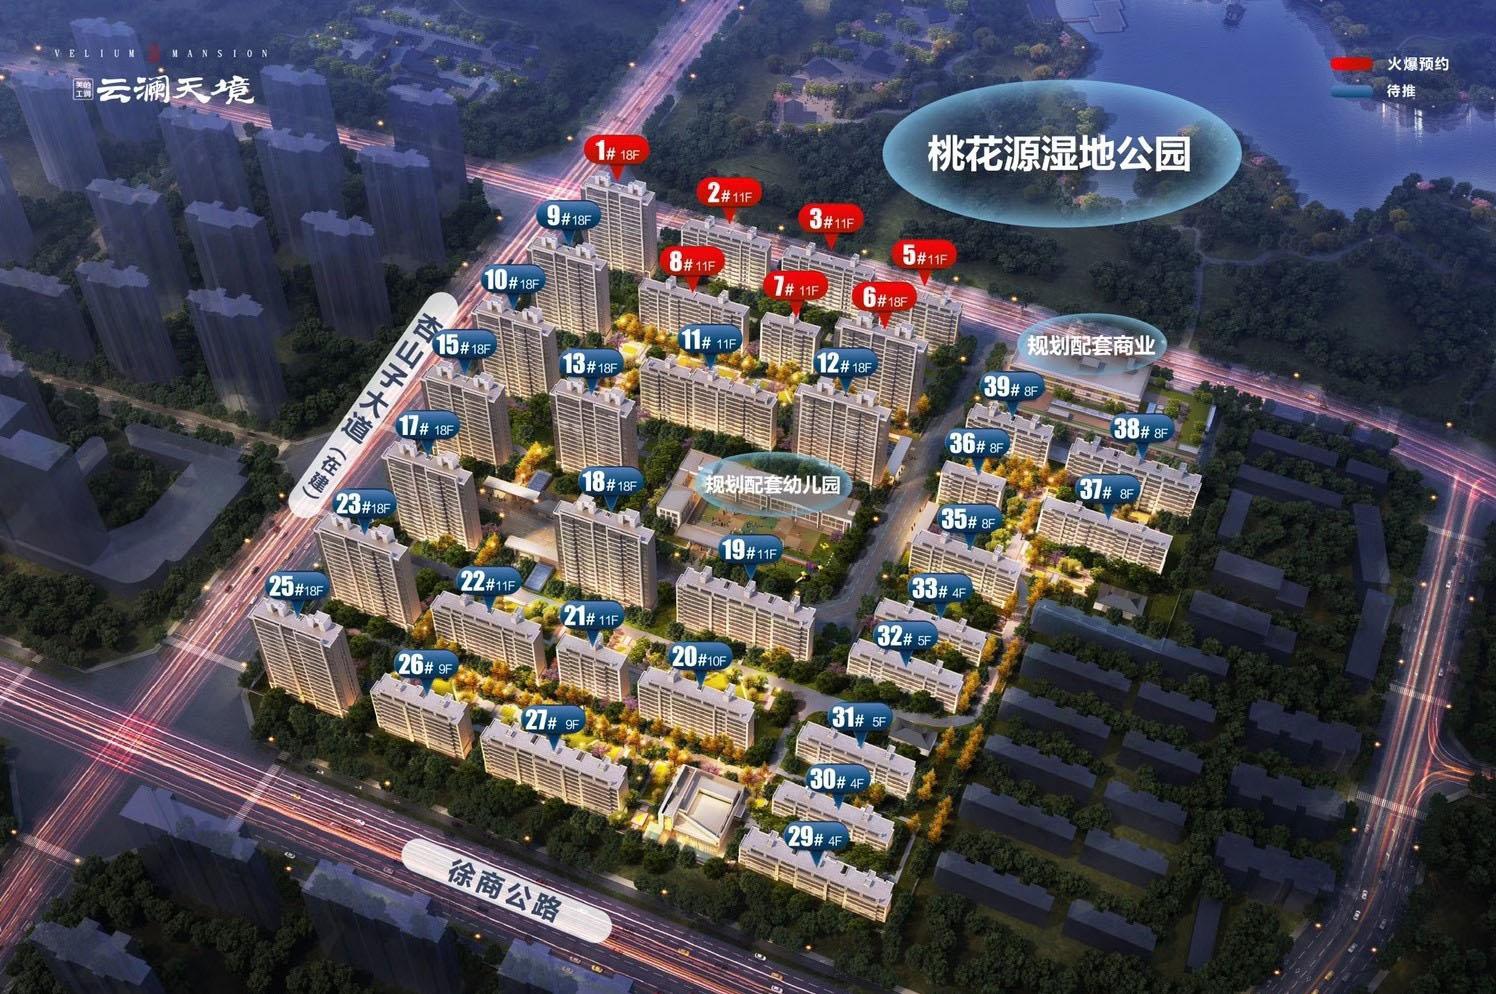 徐州泉山新房美的工润云澜天境周边设施如何?